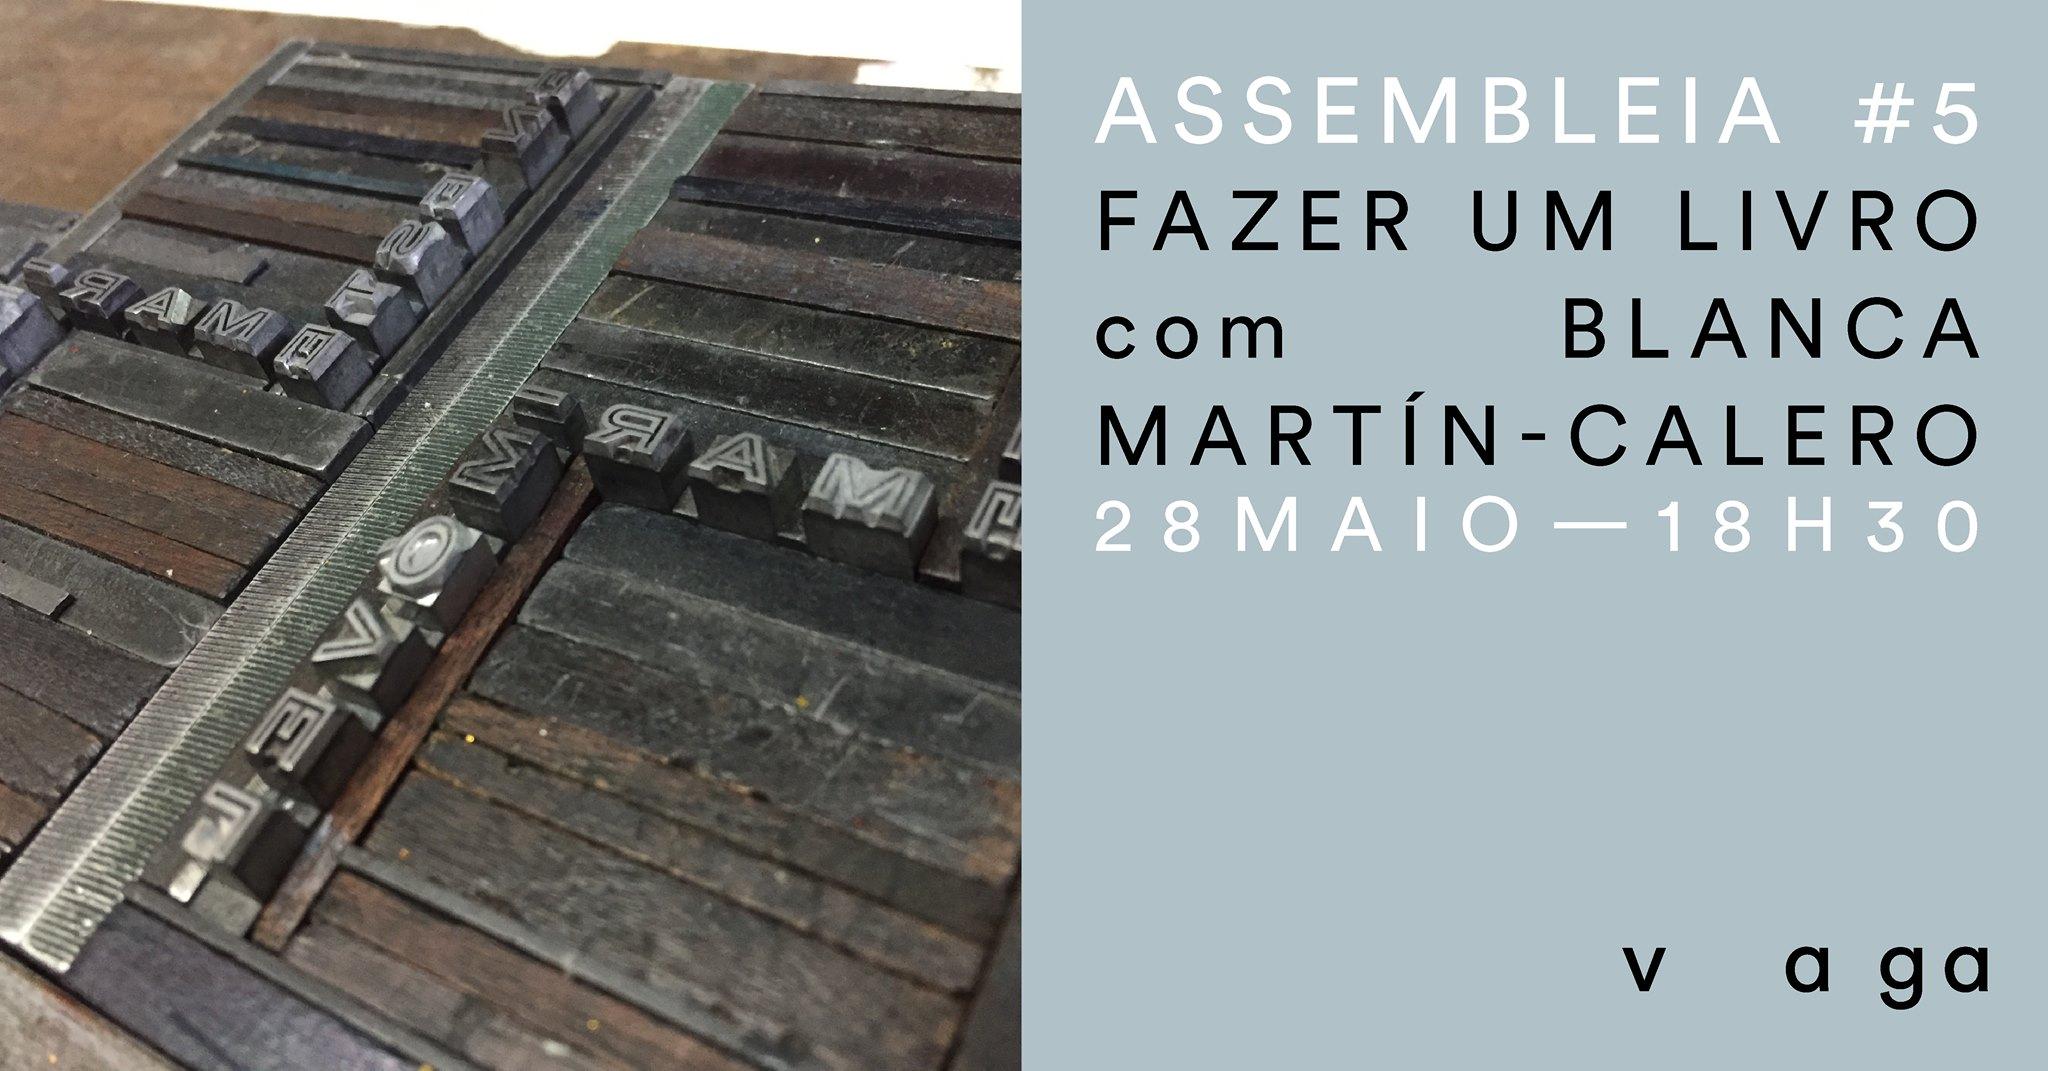 Assembleia #5 - 'Fazer um livro' com Blanca Martín-Calero